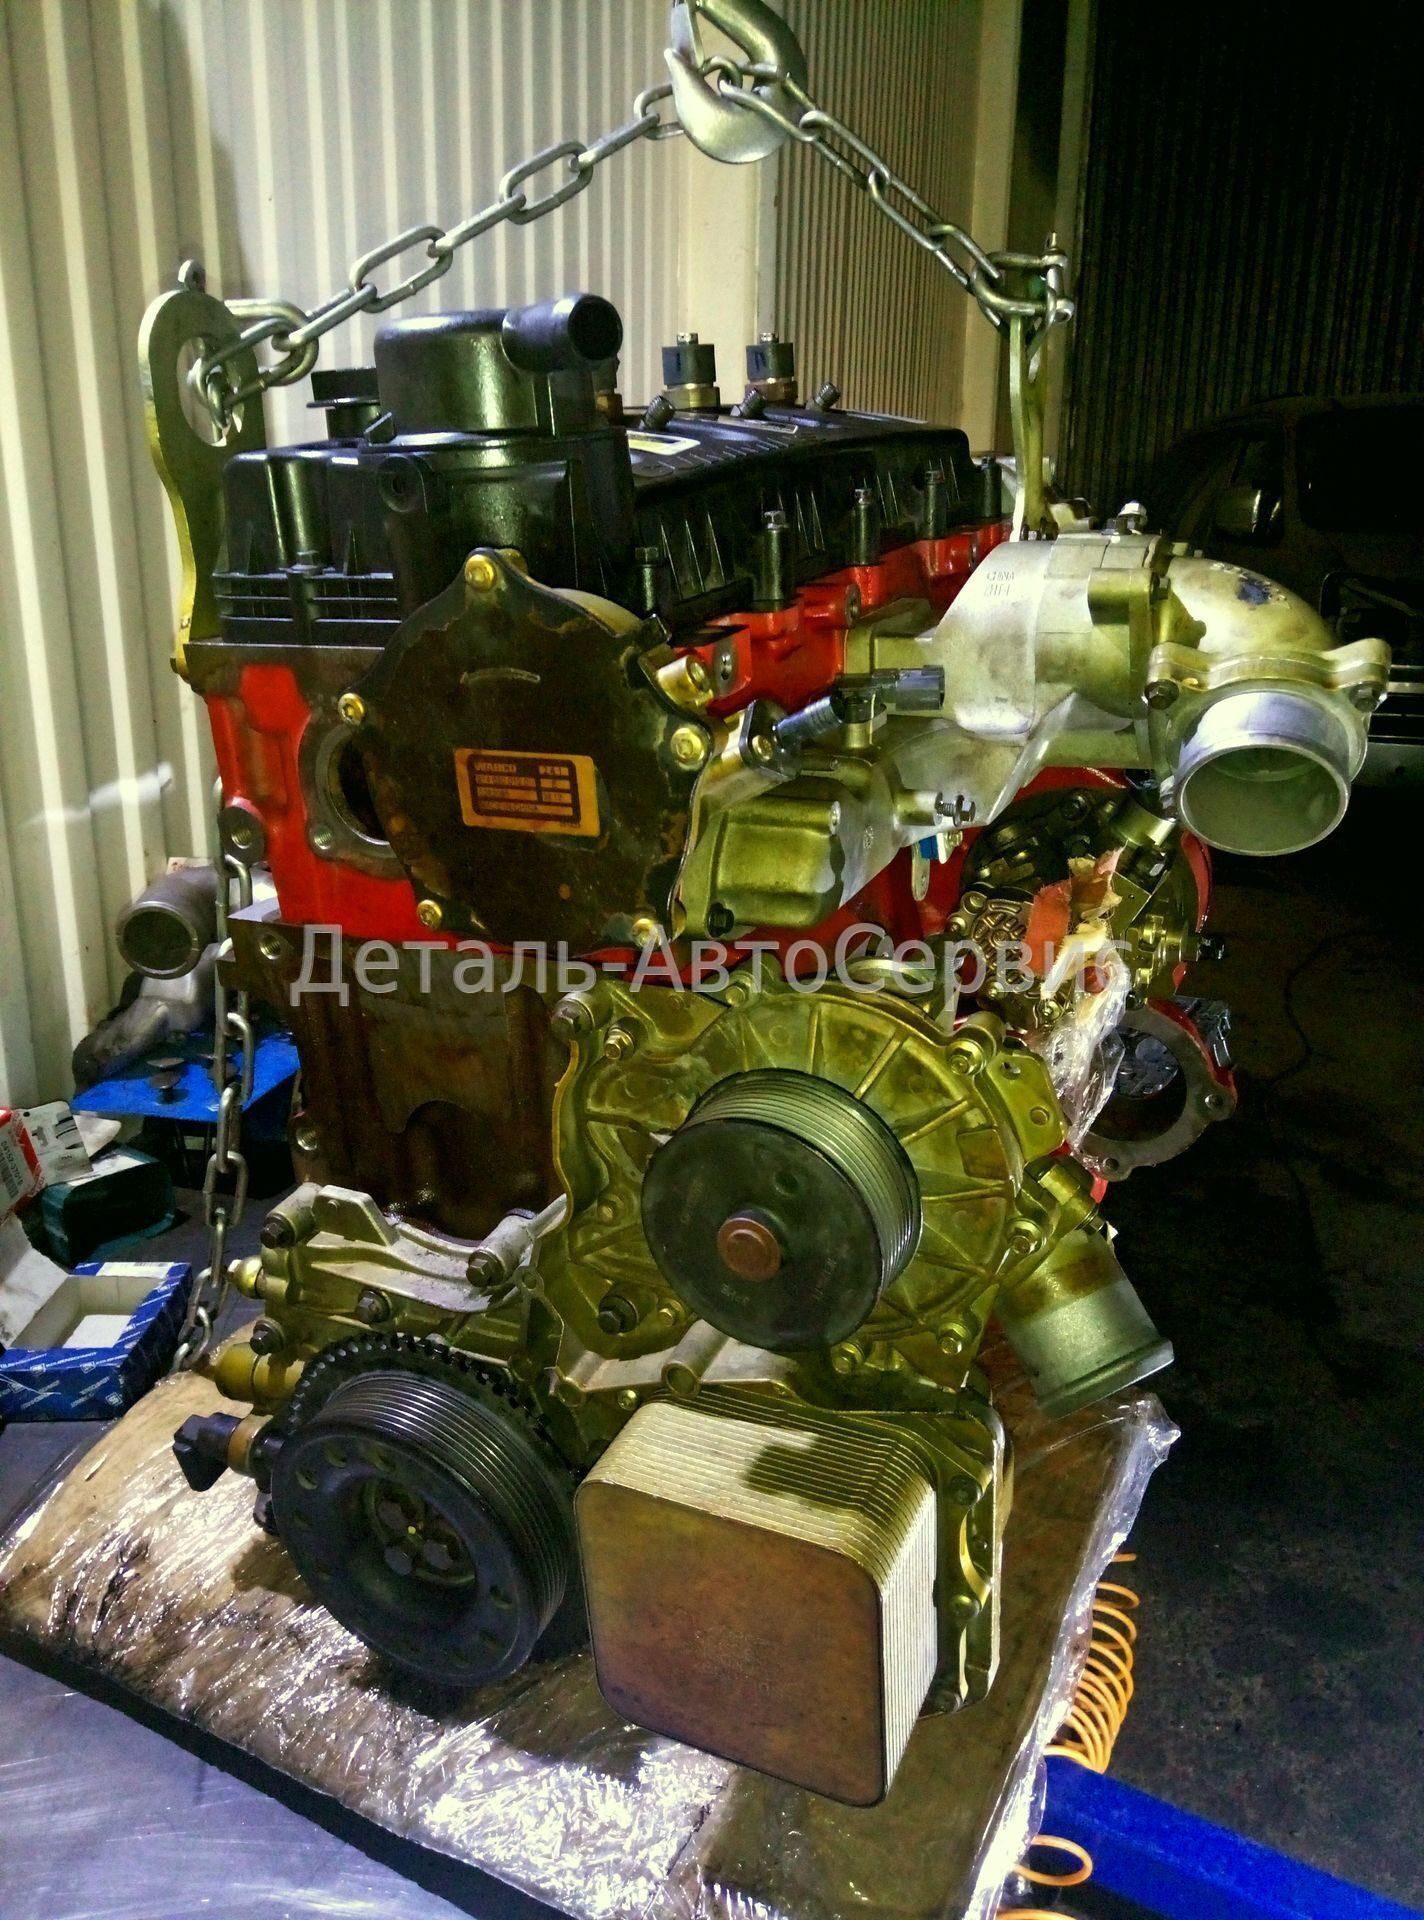 Ремонт двигателя камминз газель своими руками фото